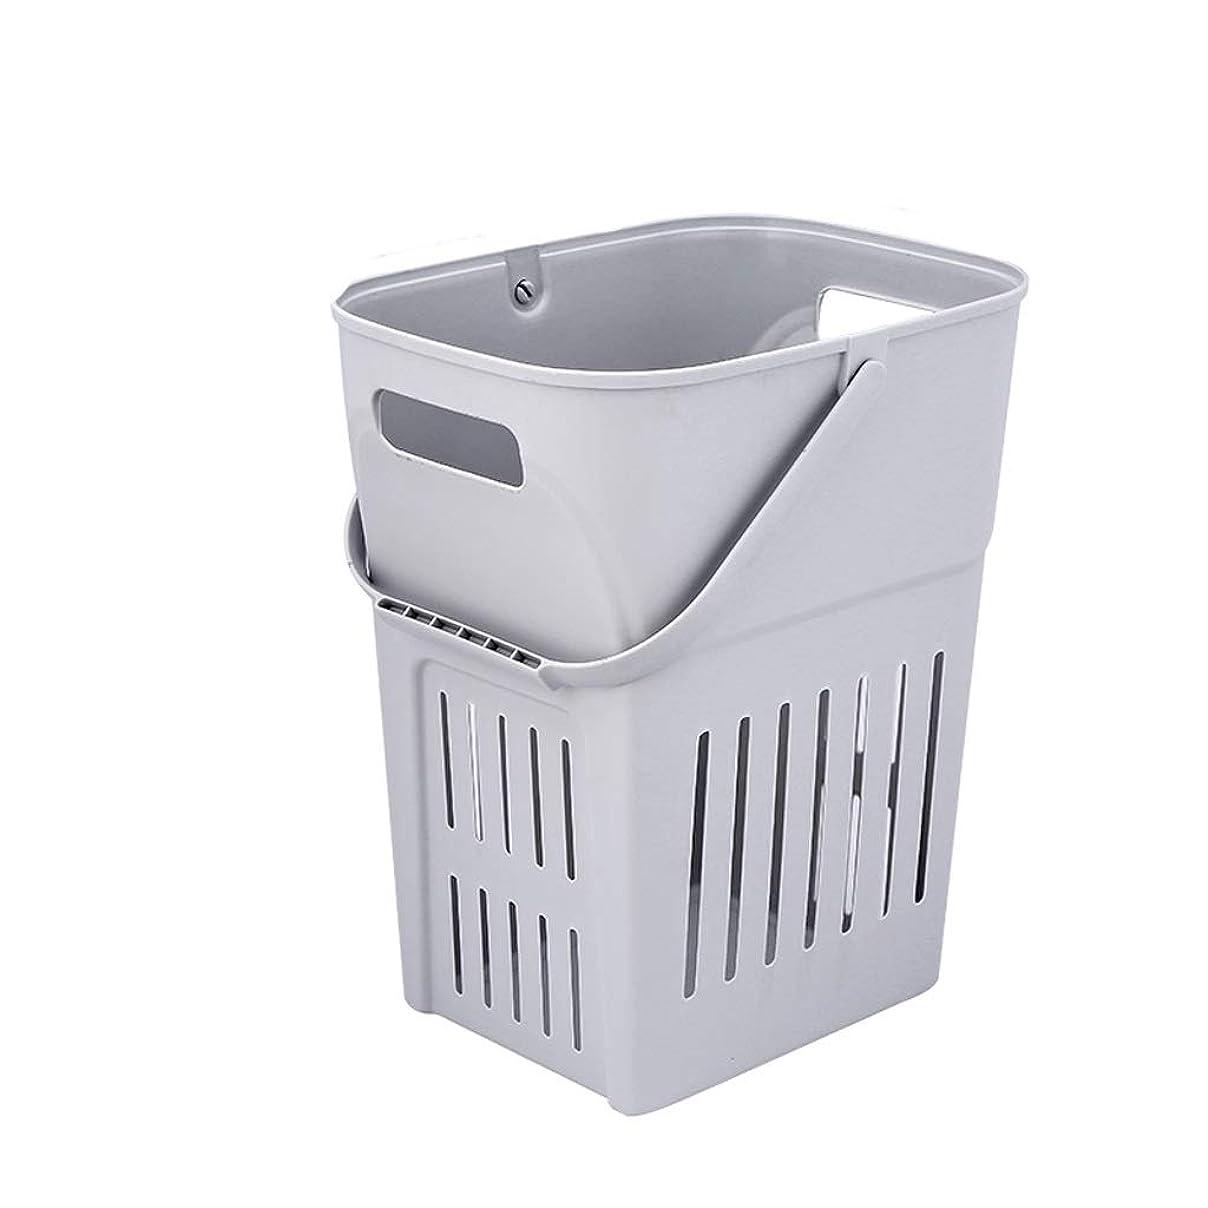 著者染料ジョガー汚れた衣類収納バスケット、携帯用洗濯物入れ、バスルーム用、プラスチック、2色 SMMRB (色 : B)